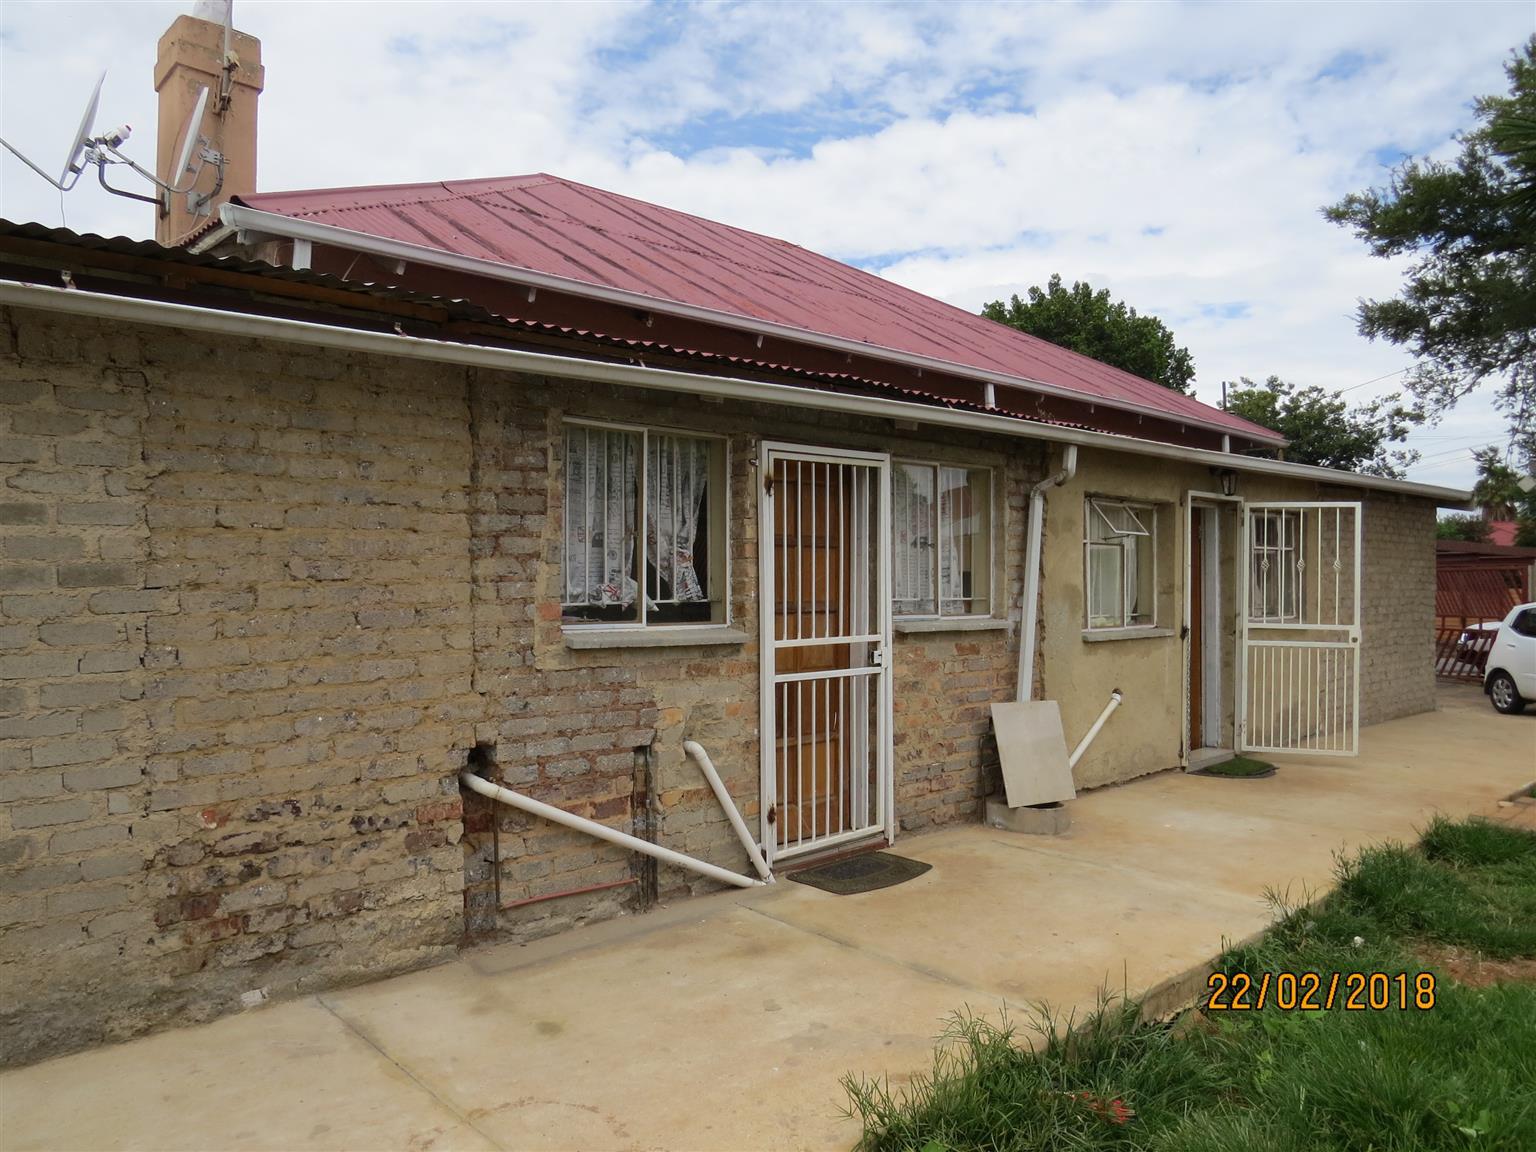 5 Flatlets 6+Bedrooms 4+Bathrooms Total | Bedfordview